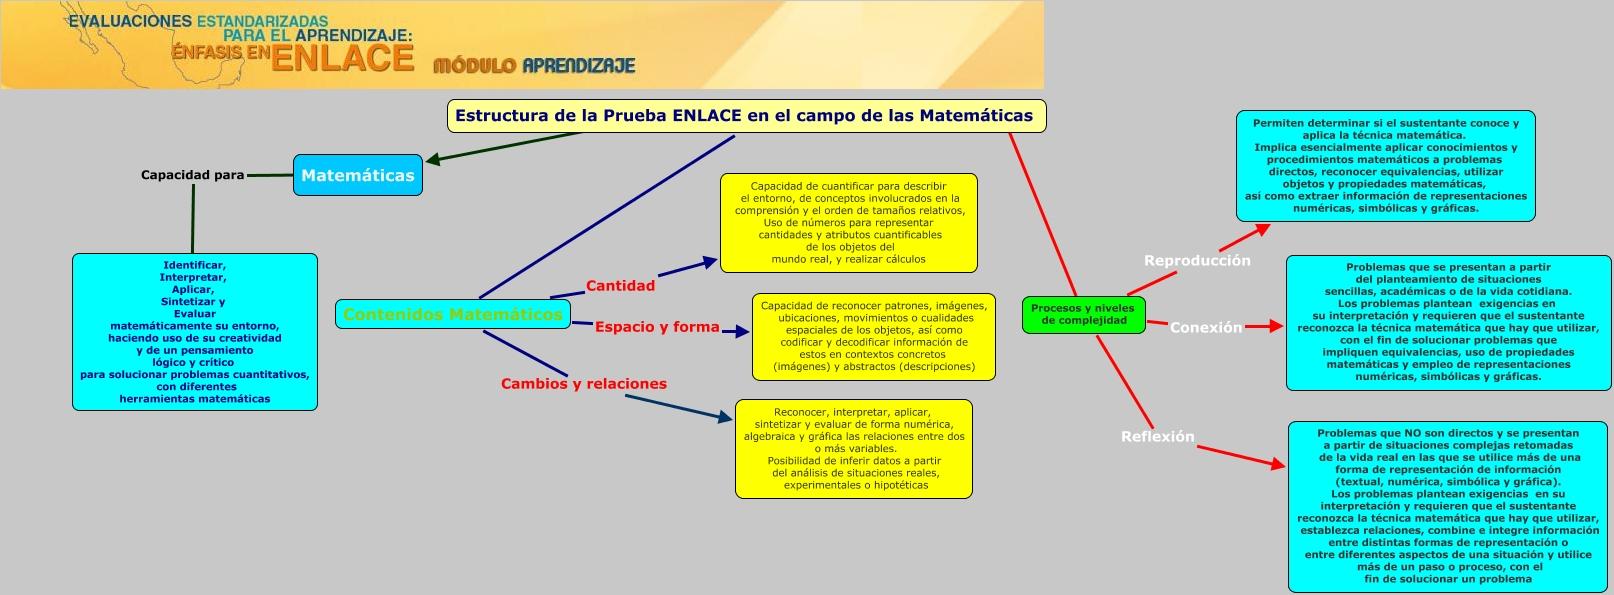 Estructura Enlace